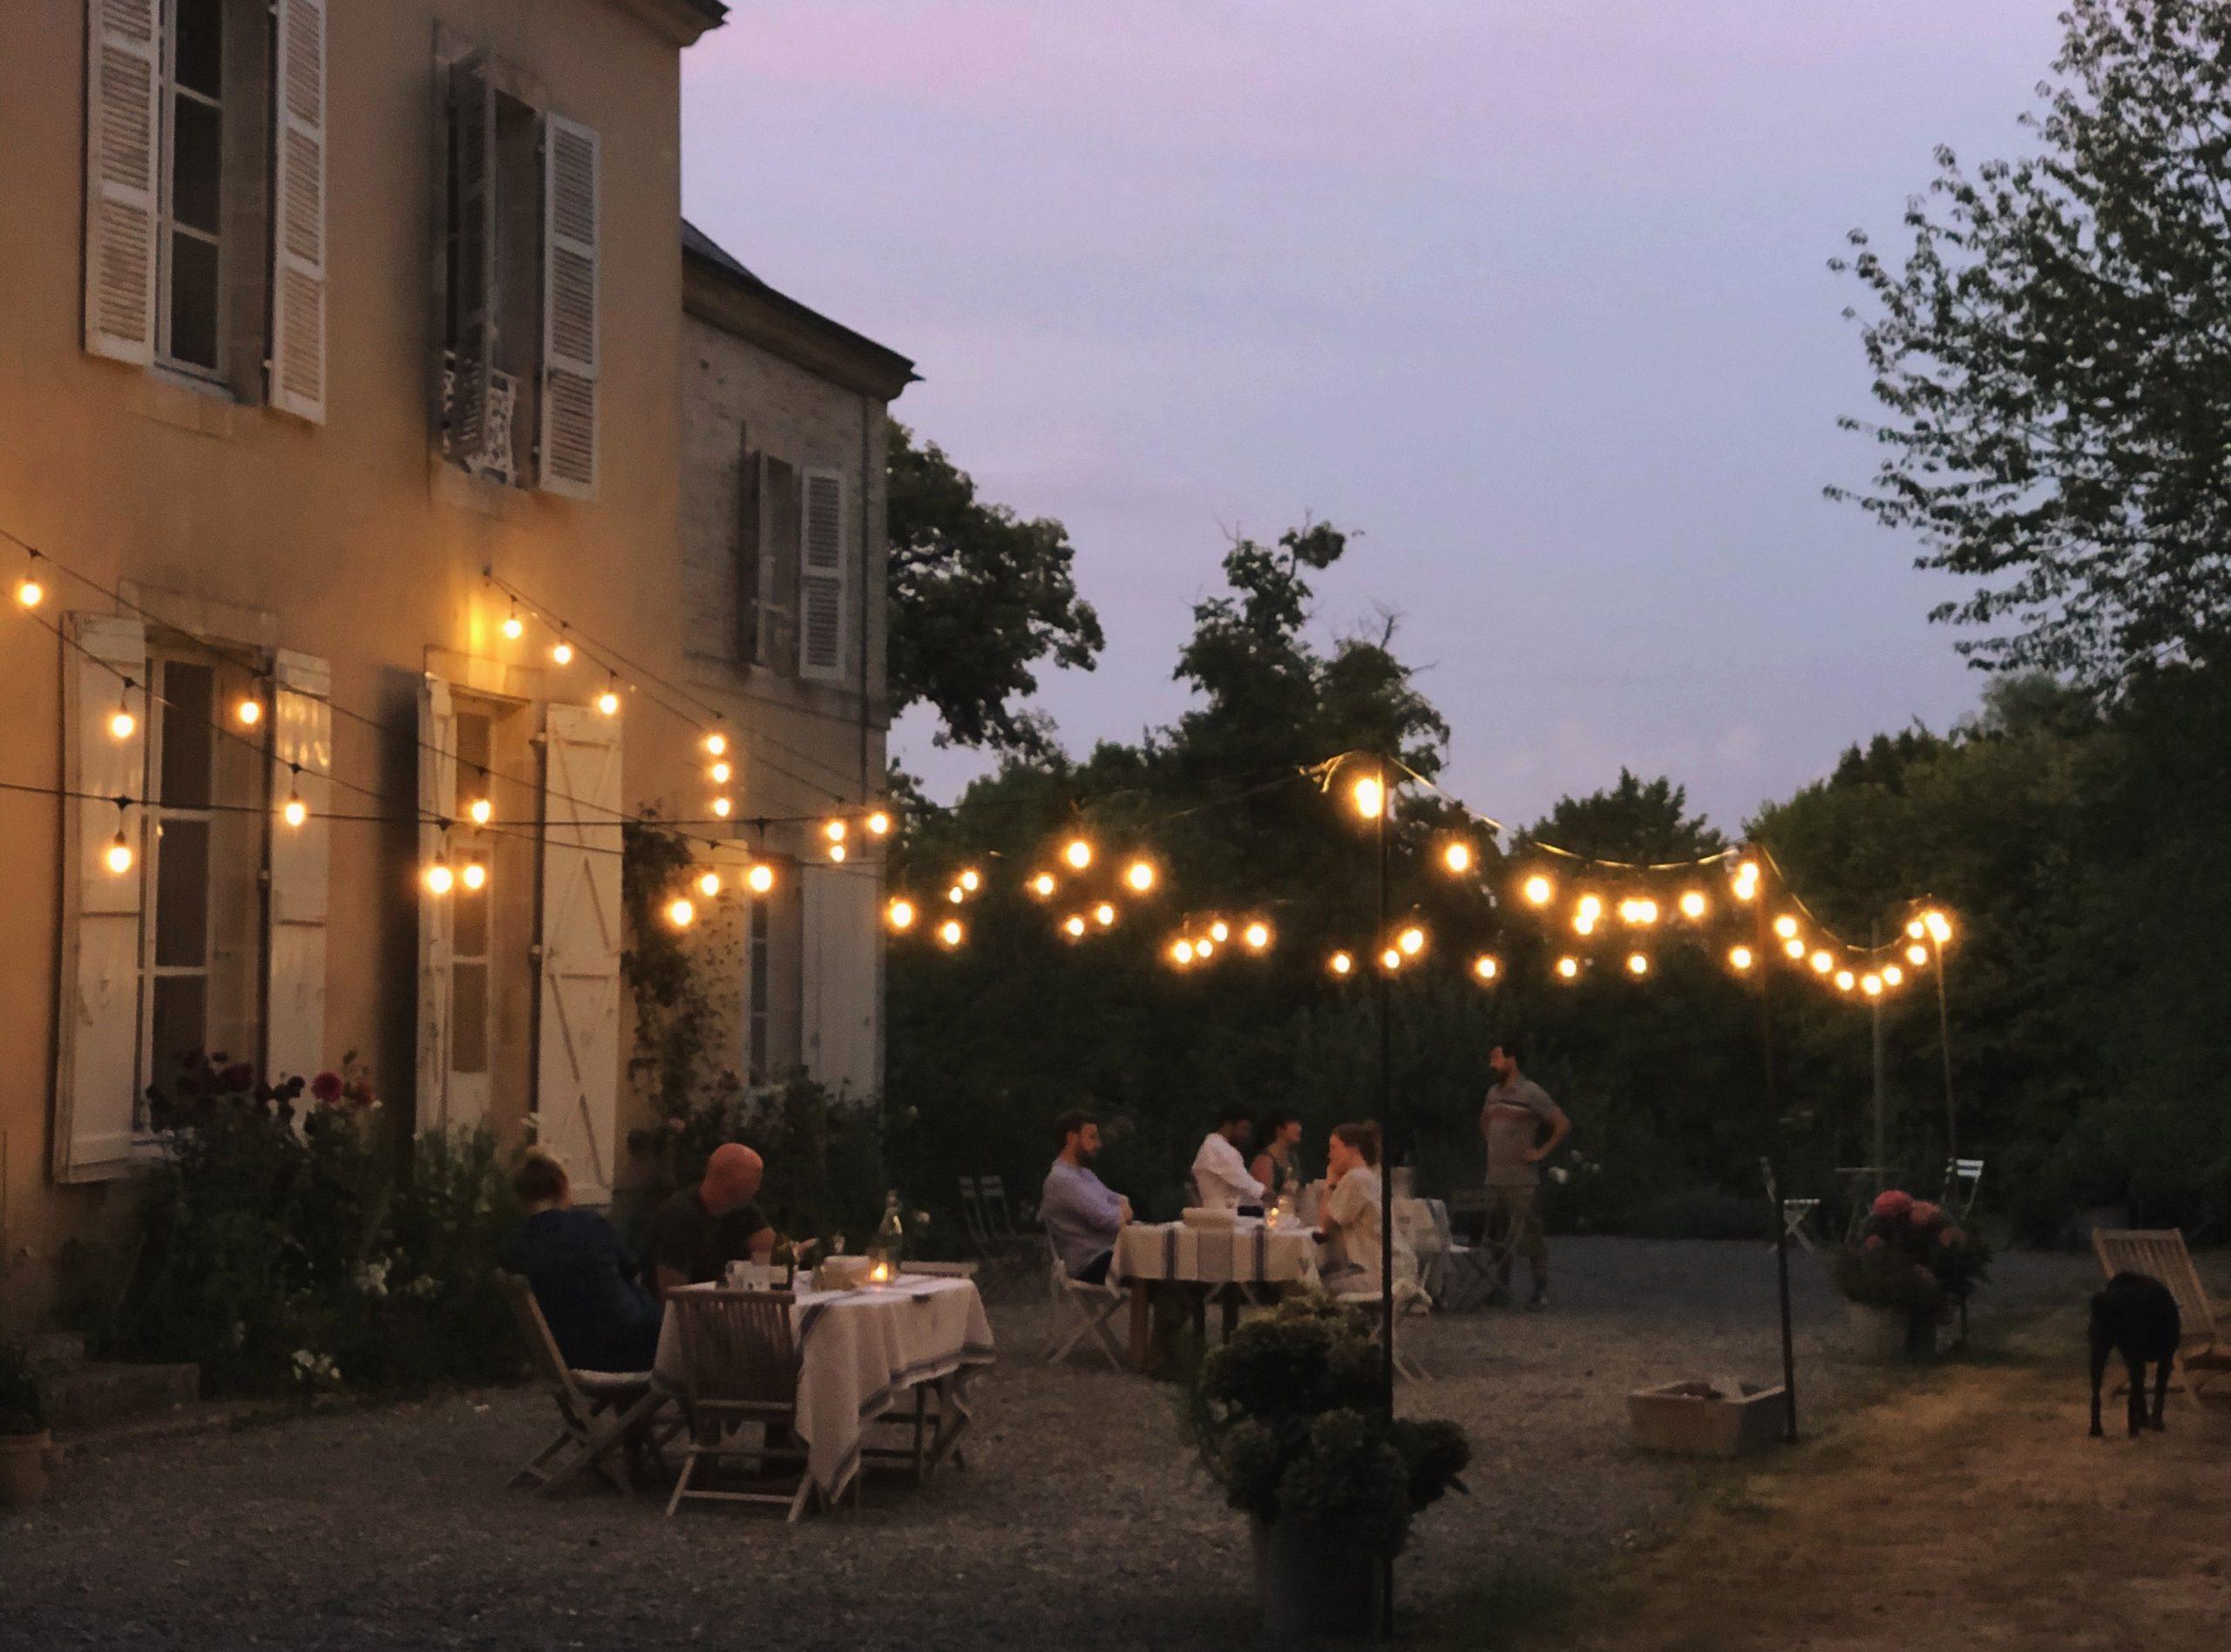 Dinner in the garden - Chateau de La Ruche